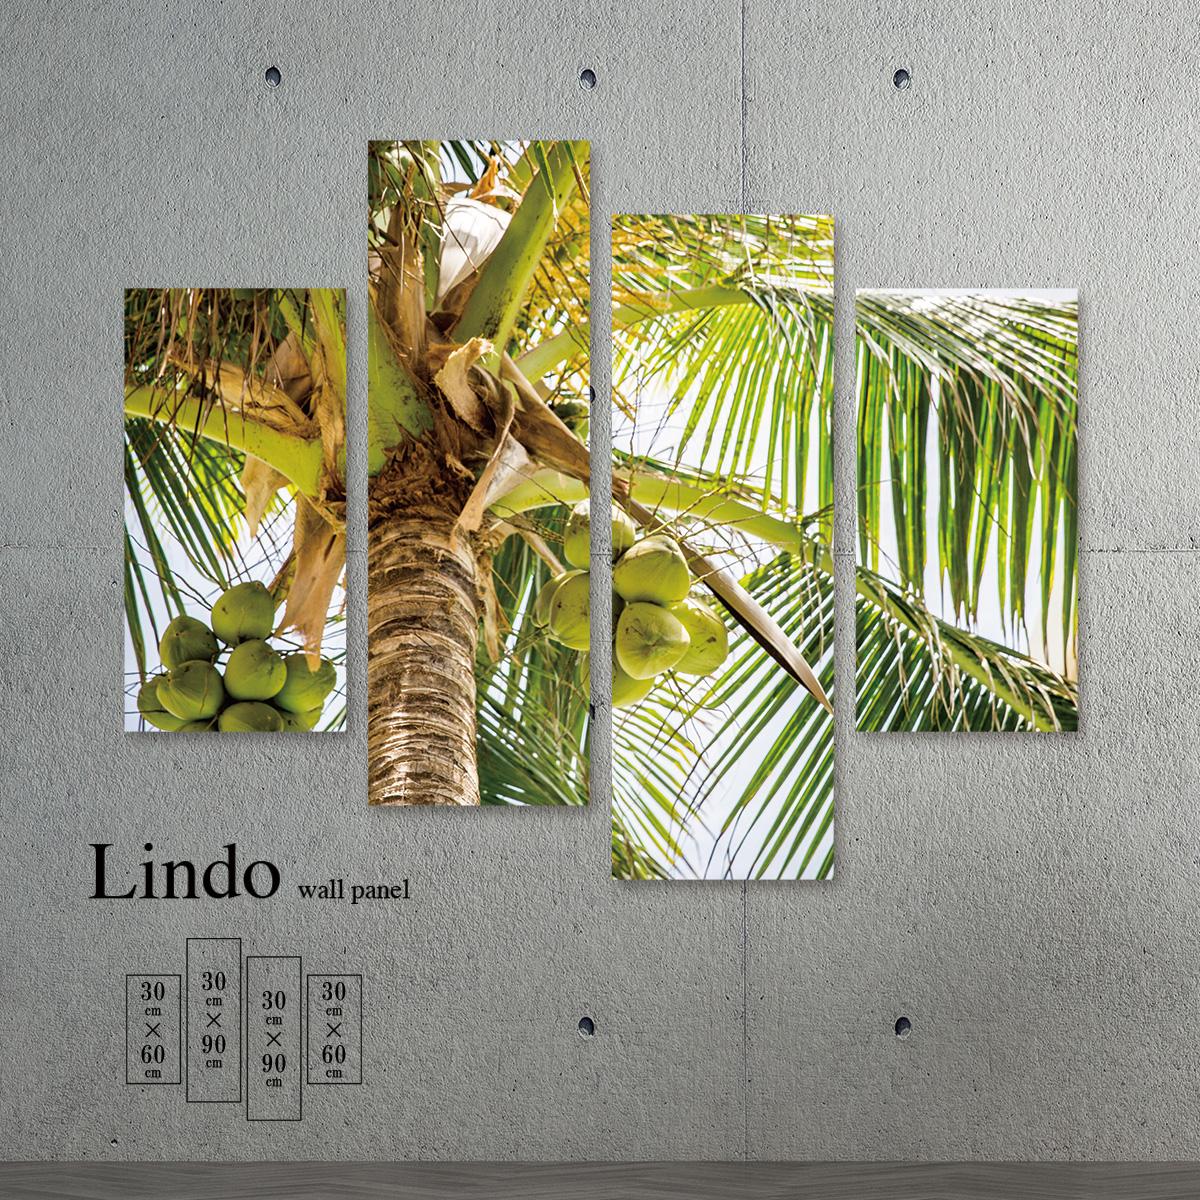 アートパネル ヤシ ヤシの木 ハワイ ビーチ 自然 葉っぱ グリーン 空 壁掛け 北欧 お洒落 デザイン ファブリック 壁飾り アートボード 4枚パネル